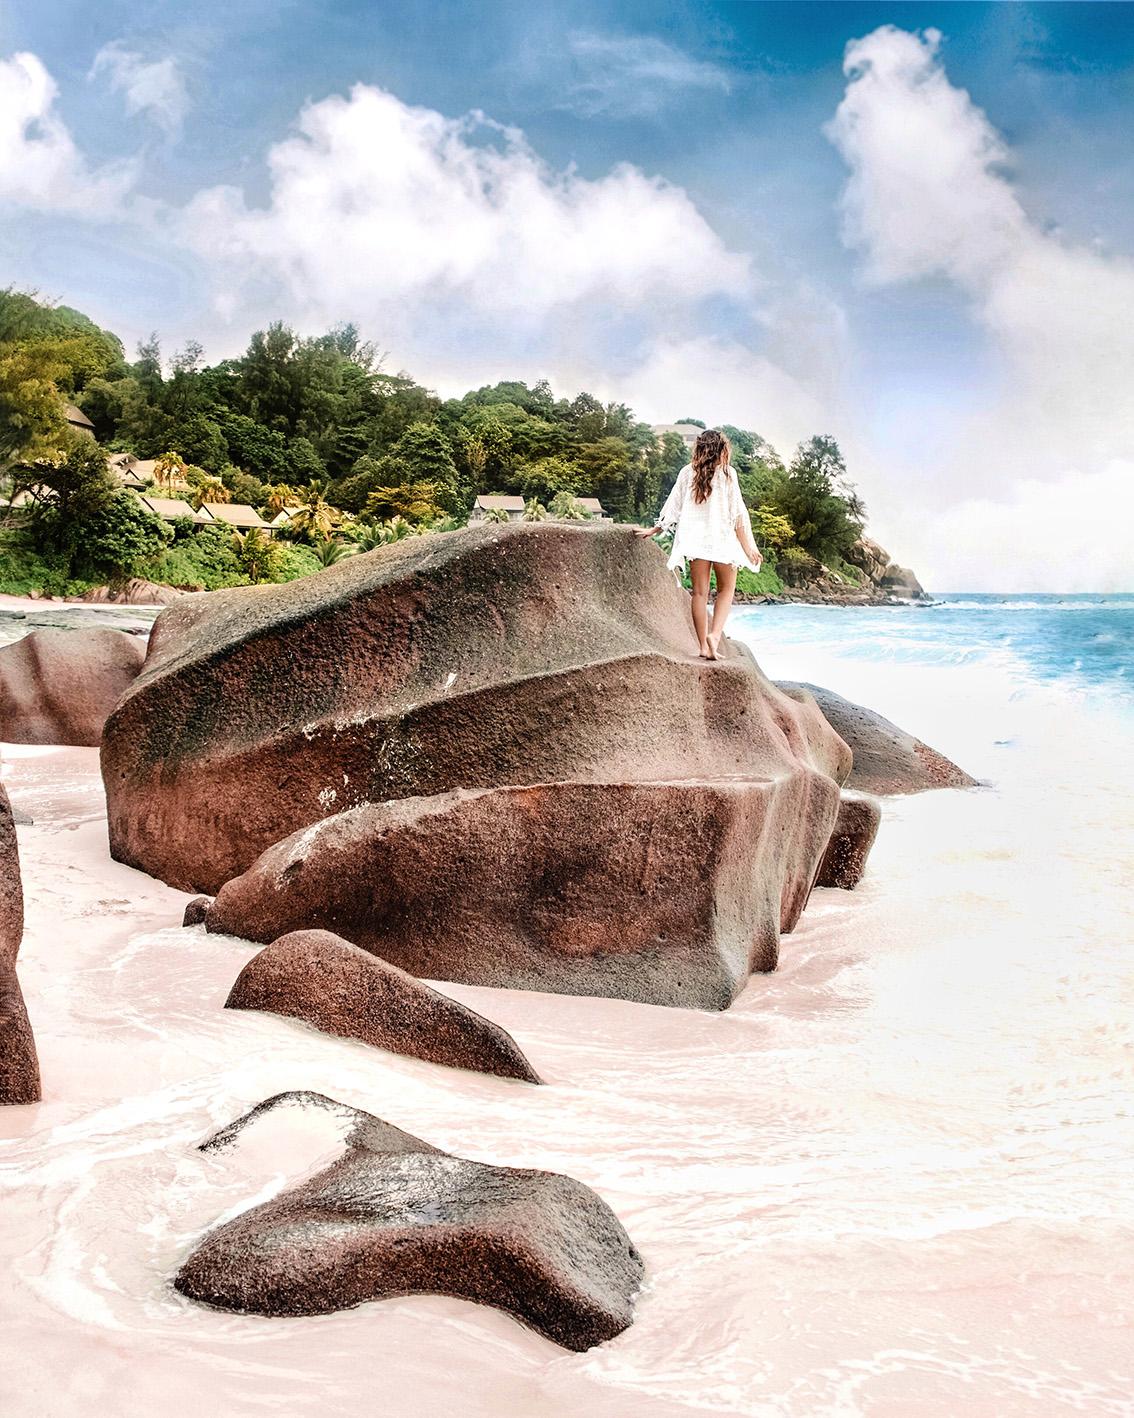 17 Dove trovare l'estate a Gennaio? Diario di viaggio delle Seychelles.